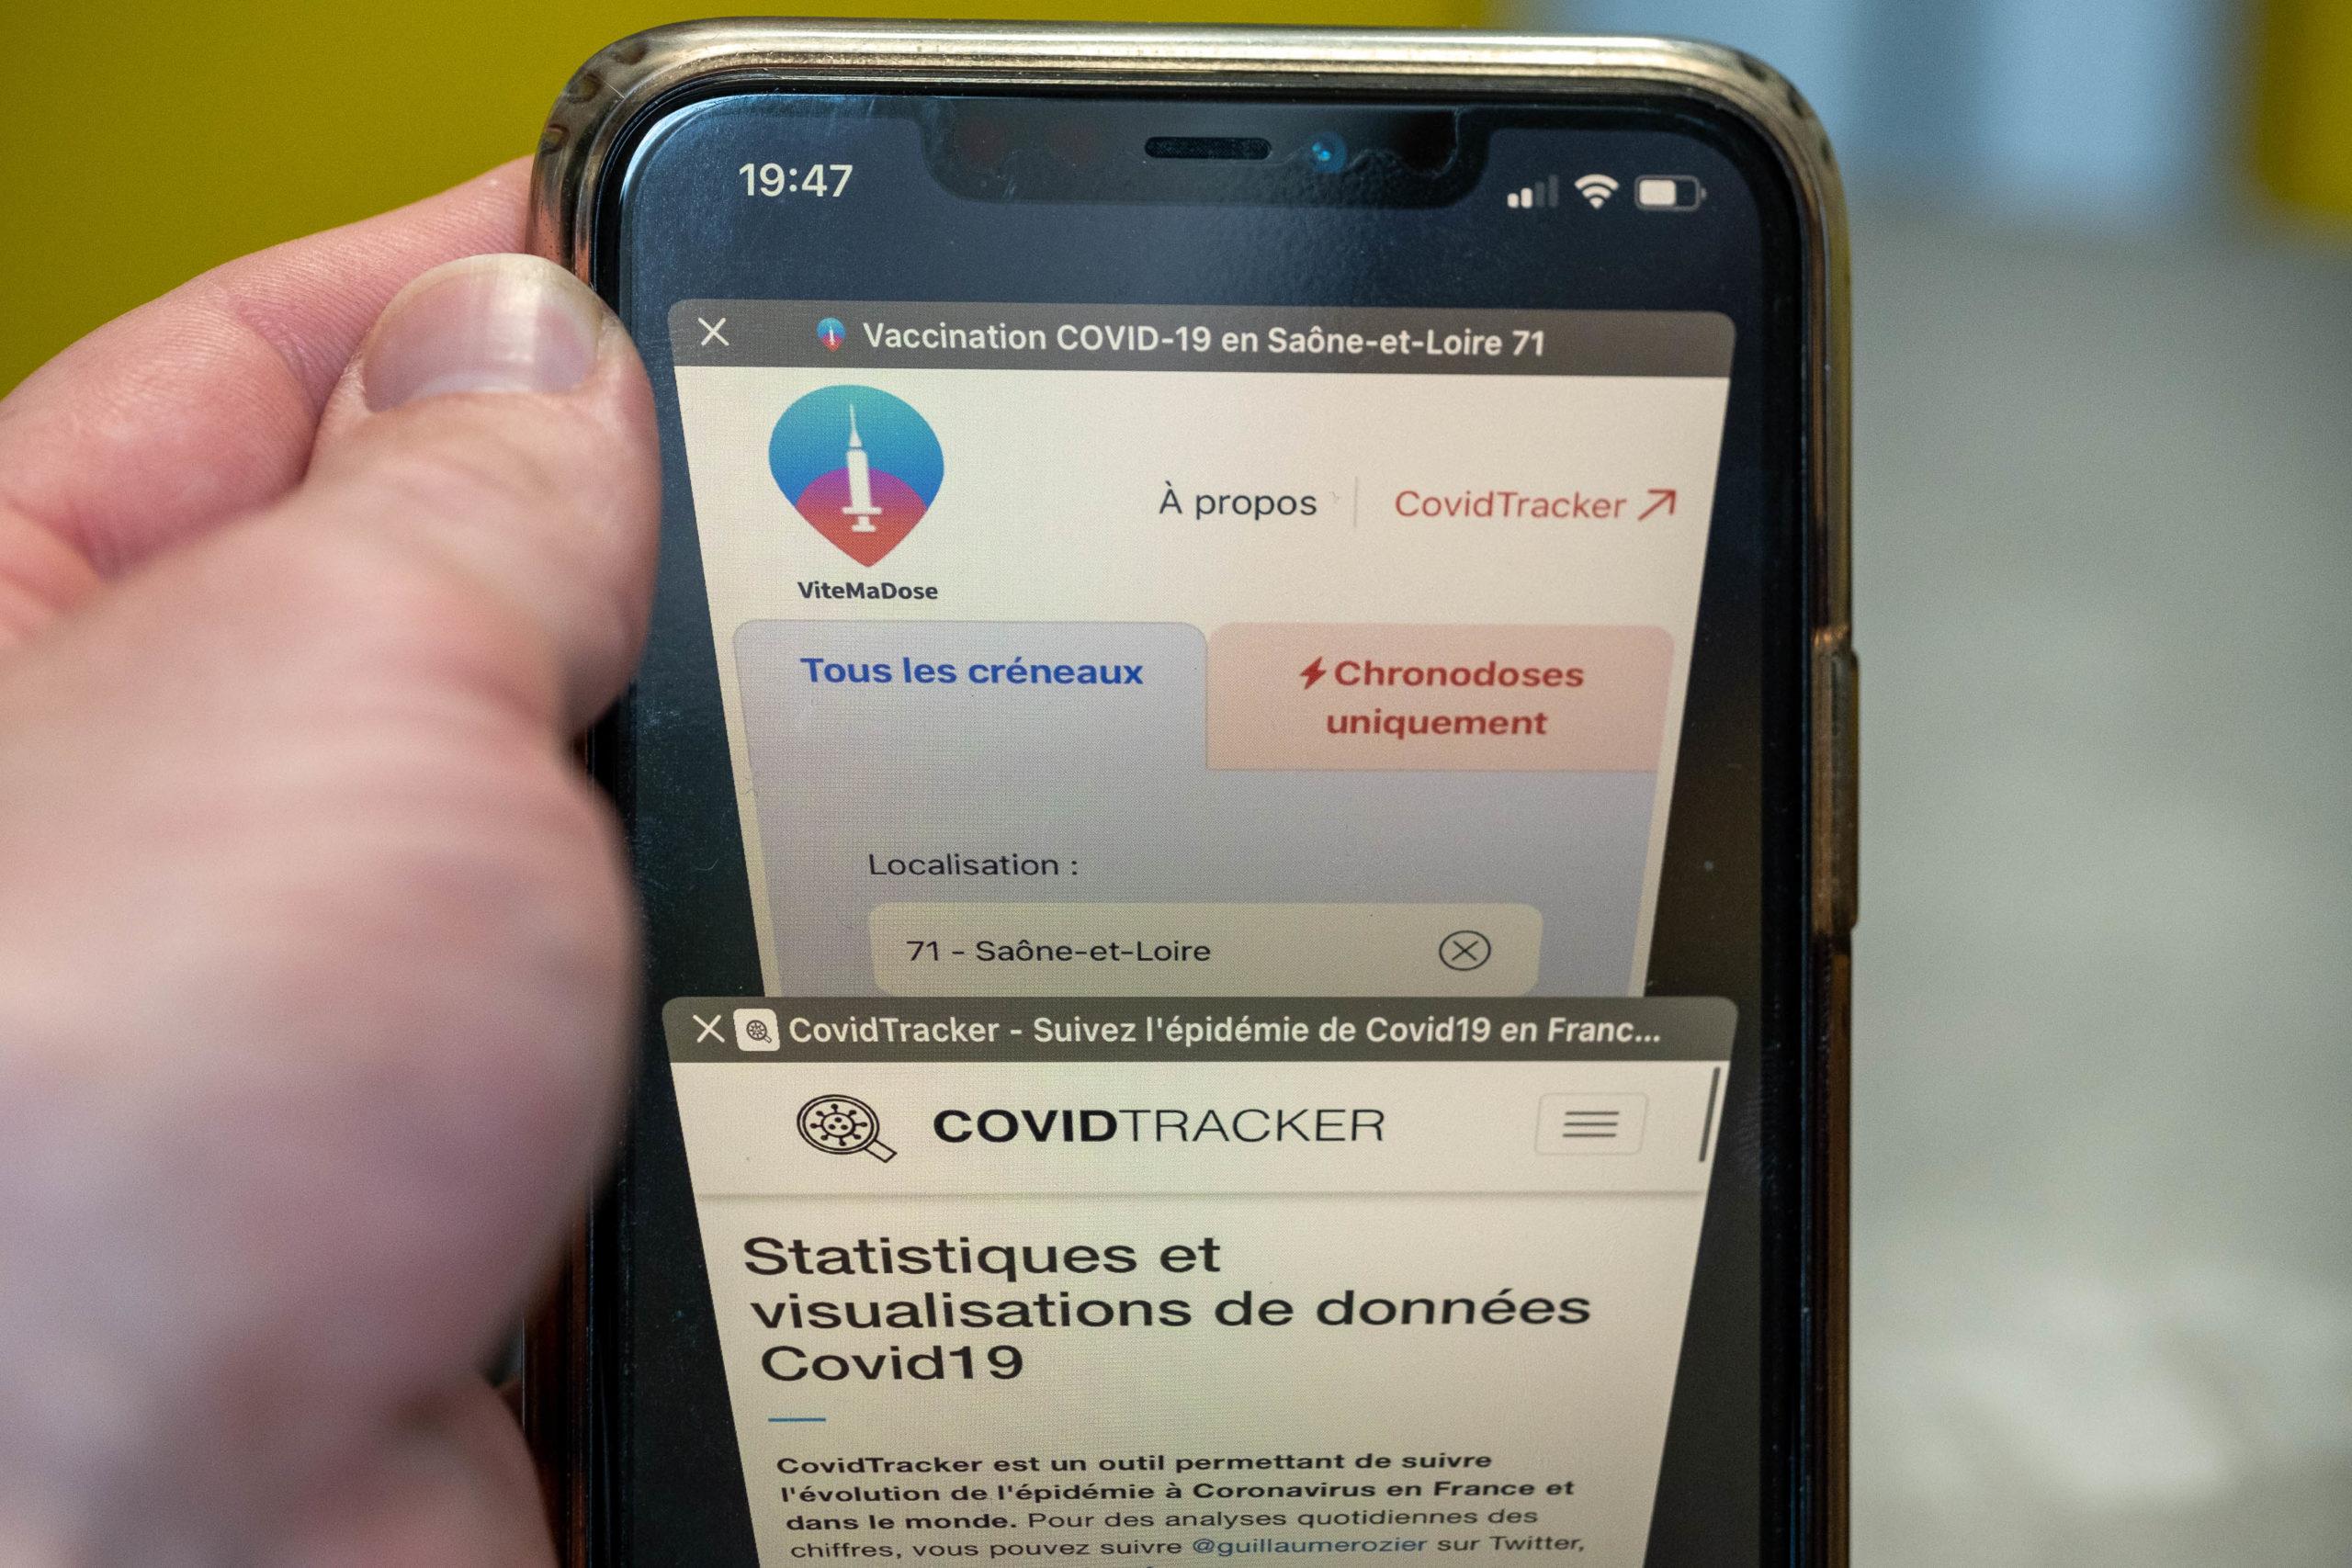 FRANCE, NEVERS, 2021/05/11. Doctolib, CovidTracker, ViteMaDose: tools that have developed with the health crisis. Florian Jannot-Caeillete / APJ / Hans Lucas.FRANCE, NEVERS, 2021/05/11. Doctolib, CovidTracker, ViteMaDose : les outils qui se sont développés avec la crise sanitaire. Florian Jannot-Caeillete / APJ / Hans Lucas.